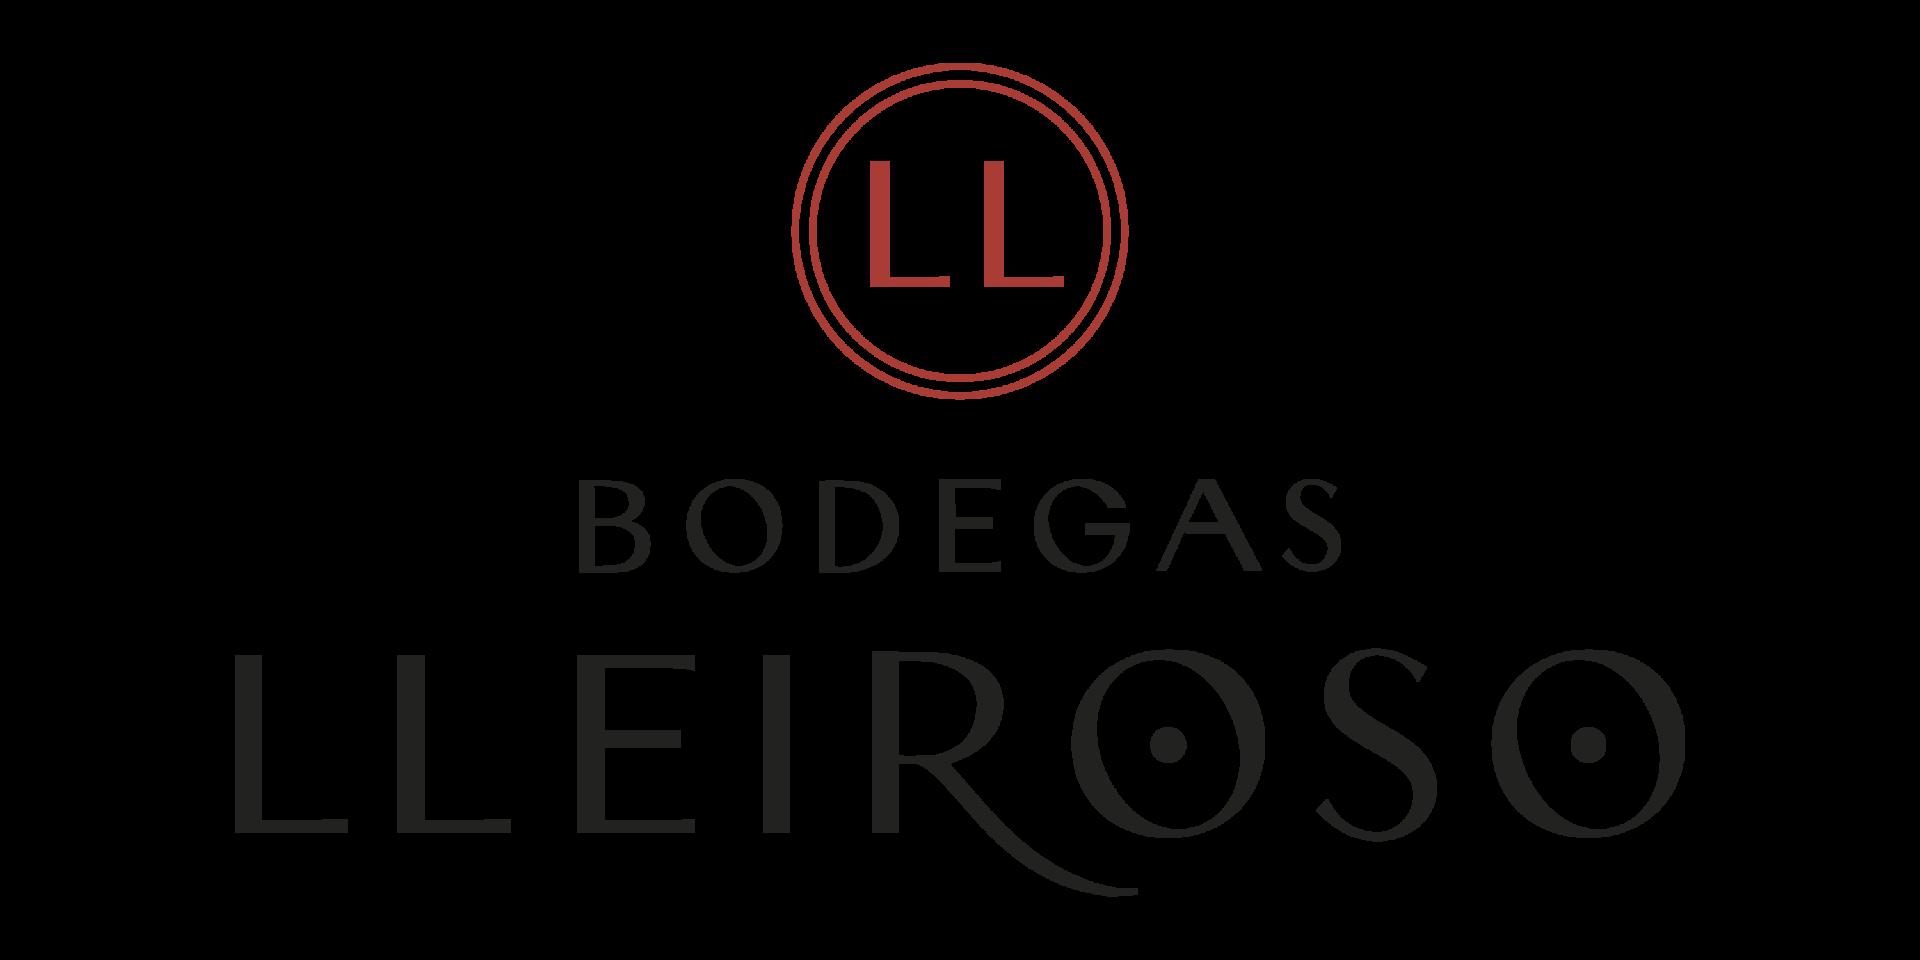 Logo BODEGAS Y VIÑEDOS LLEIROSO, S.A.